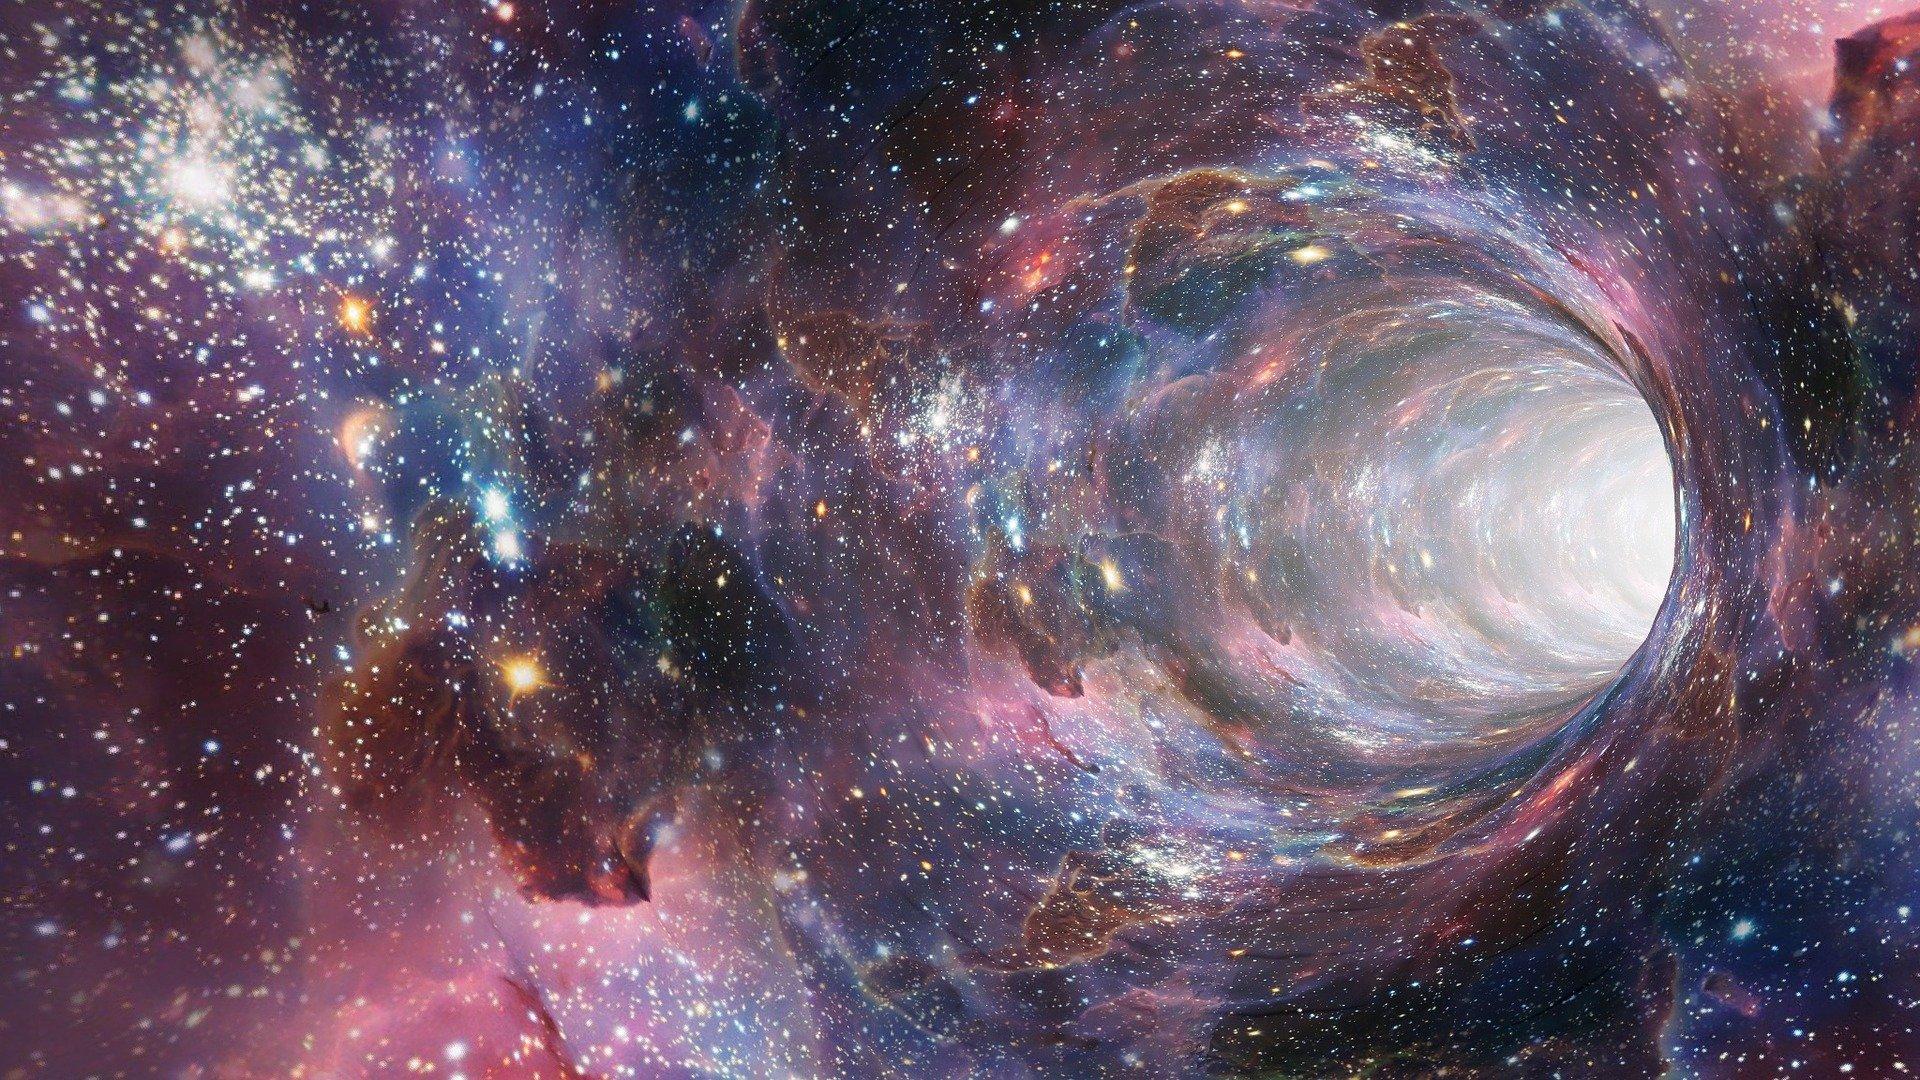 Portaluri către alte lumi, gauri de vierme